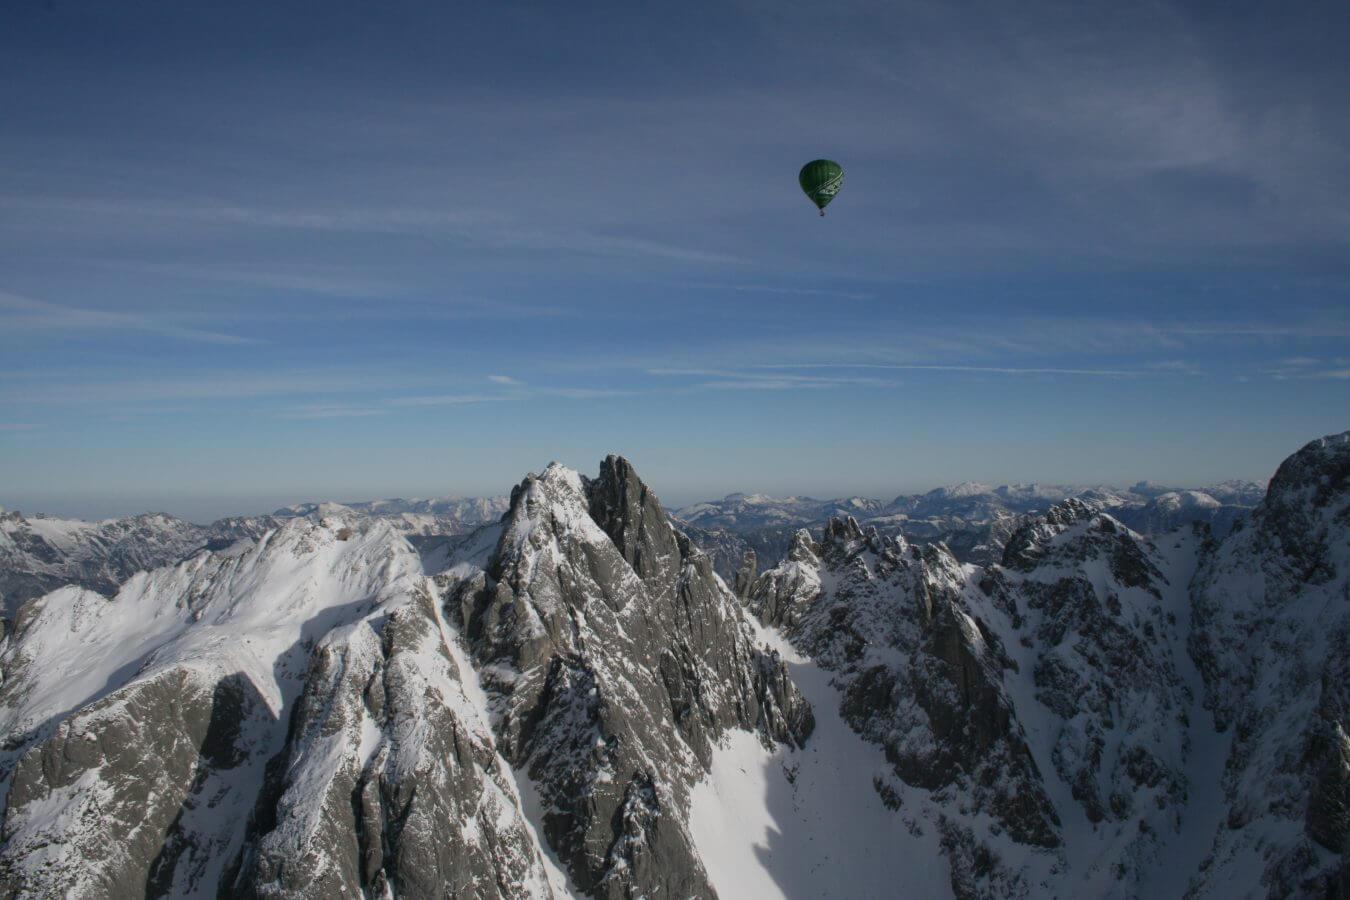 Ballonfahrt, Alpen, Winter